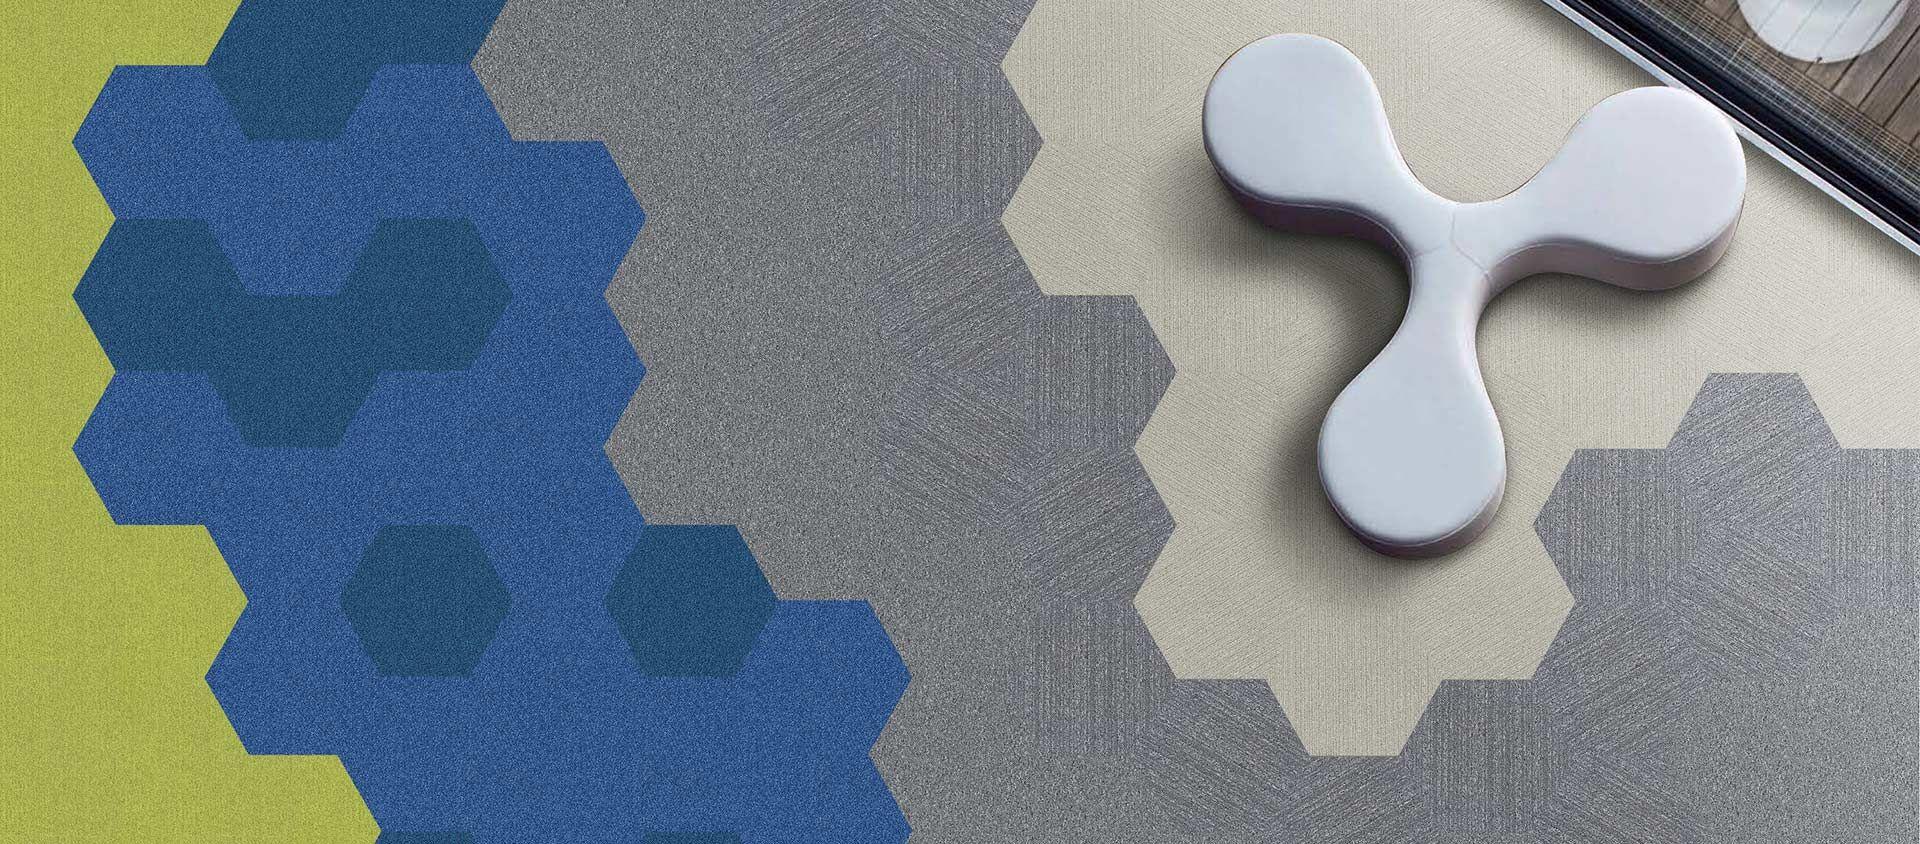 Voxflor Crystal karo halı uygulama görseli 4